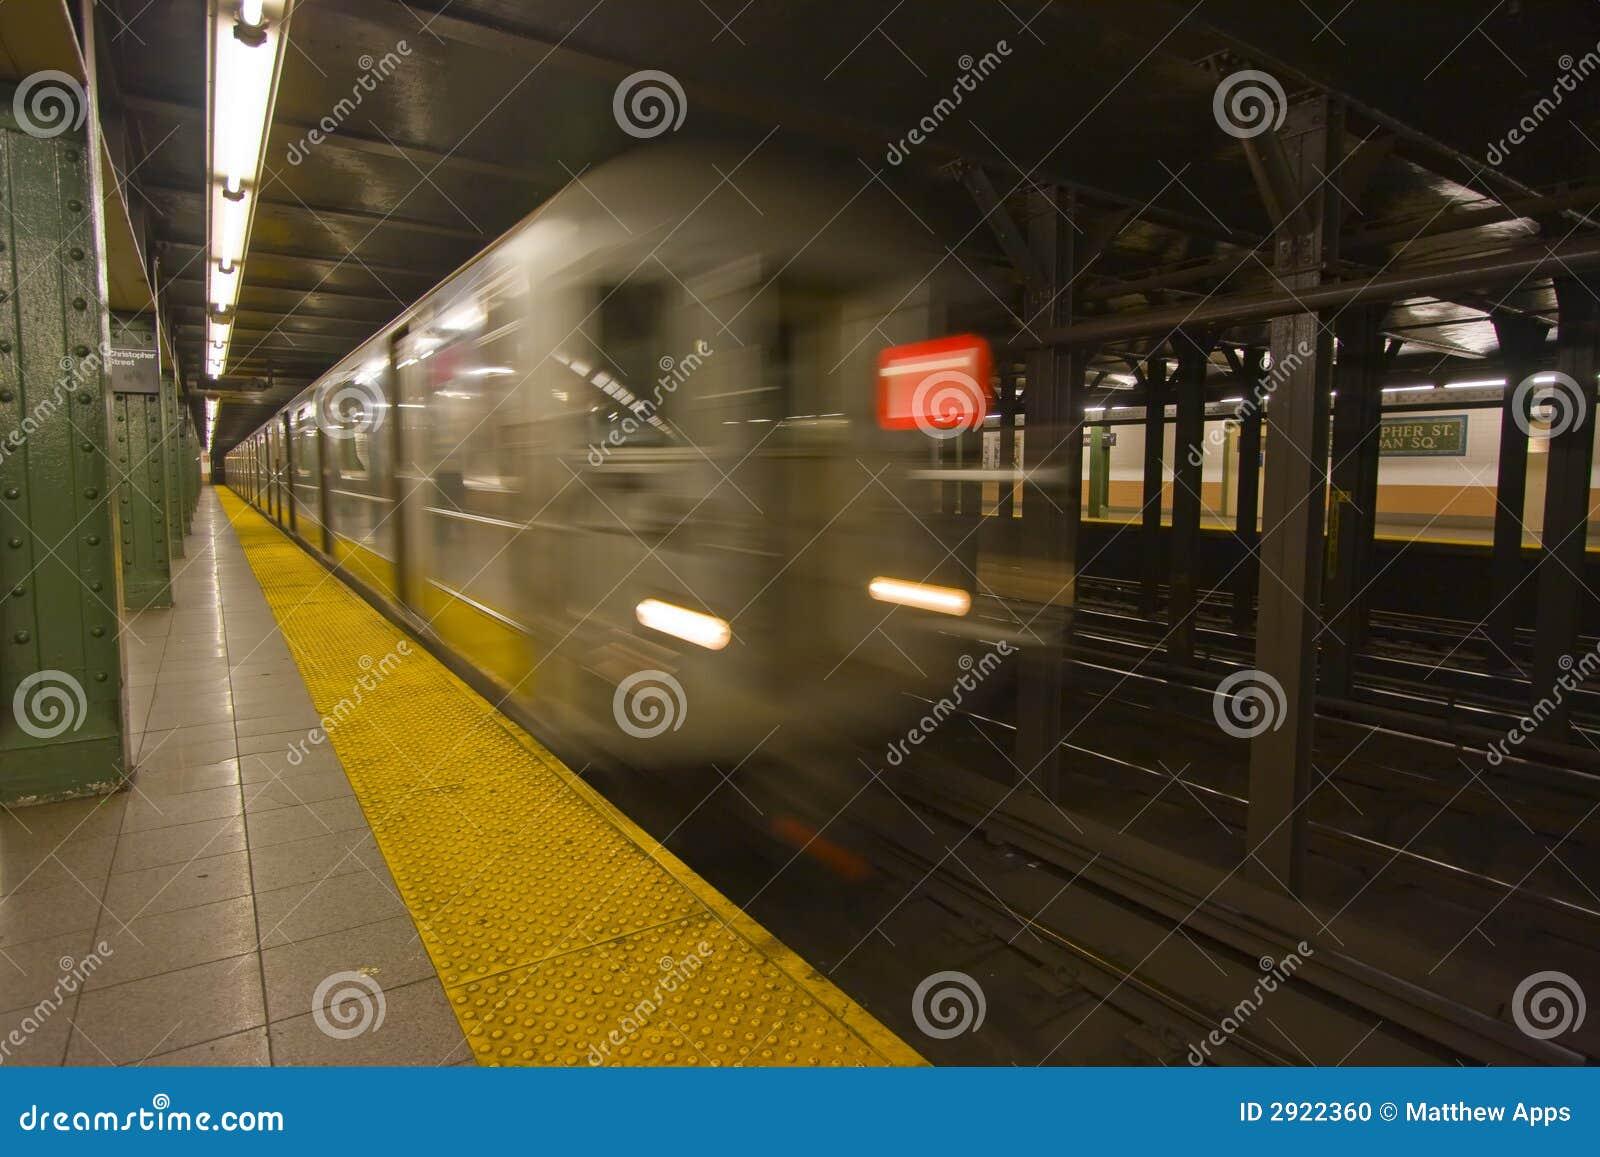 Borrão de movimento do metro de New York